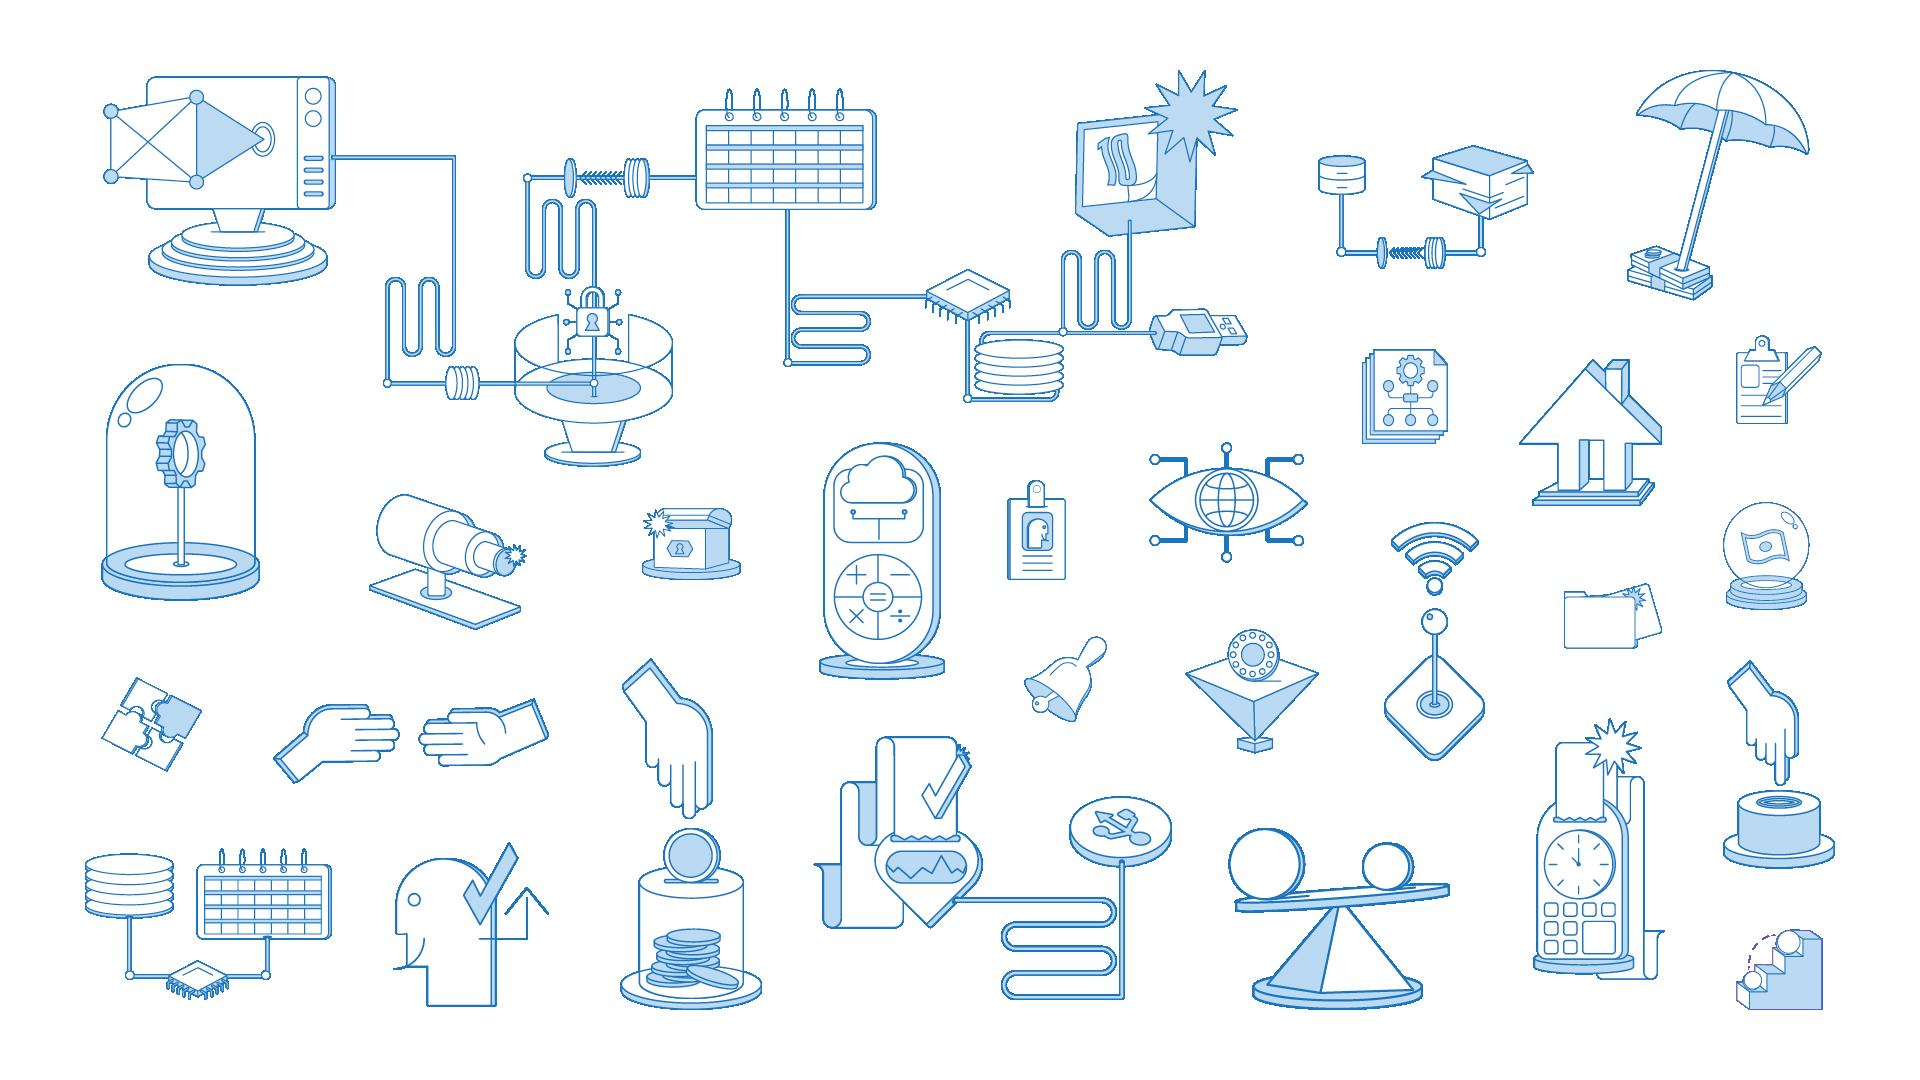 Malam icon design